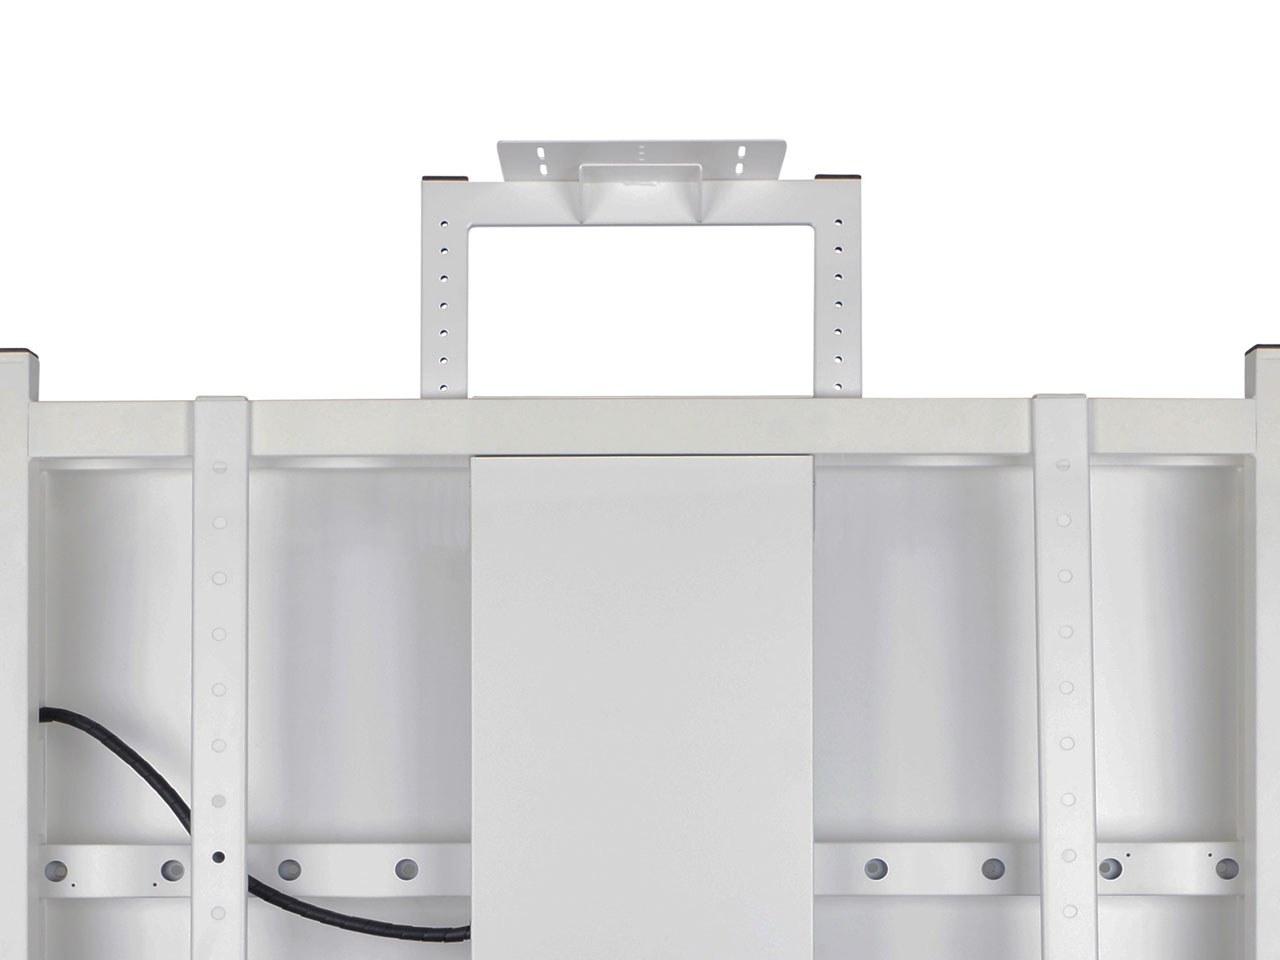 mb e stand m elektrisch h henverstellbarer tv st nder hub 80kg g nstig kaufen cmb systeme. Black Bedroom Furniture Sets. Home Design Ideas